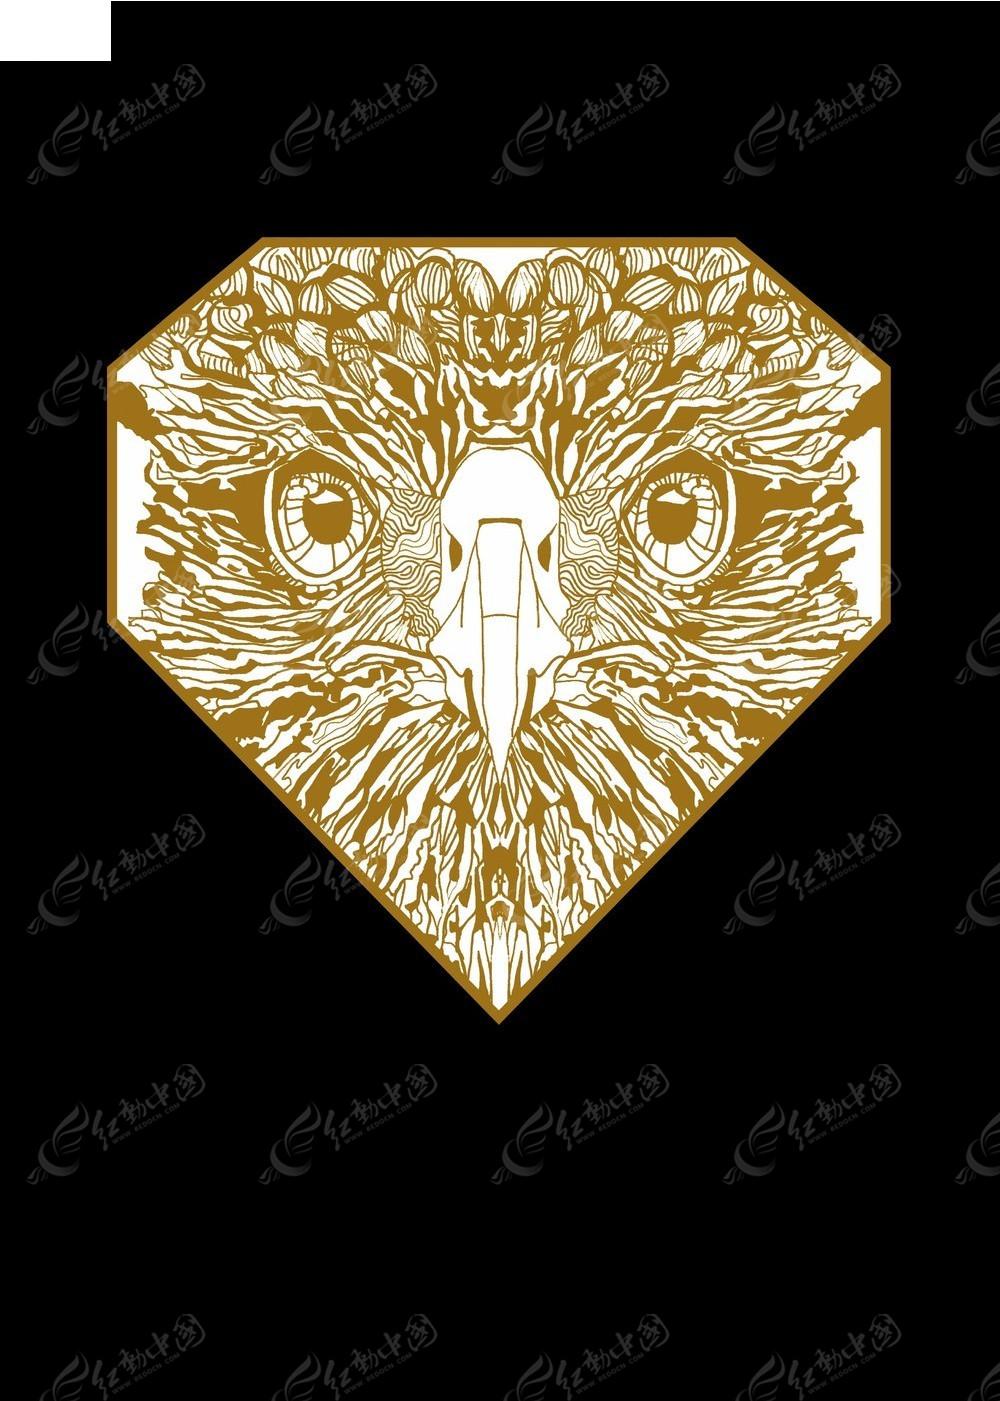 免费素材 psd素材 psd分层素材 动物 钻石轮廓鹰头图案